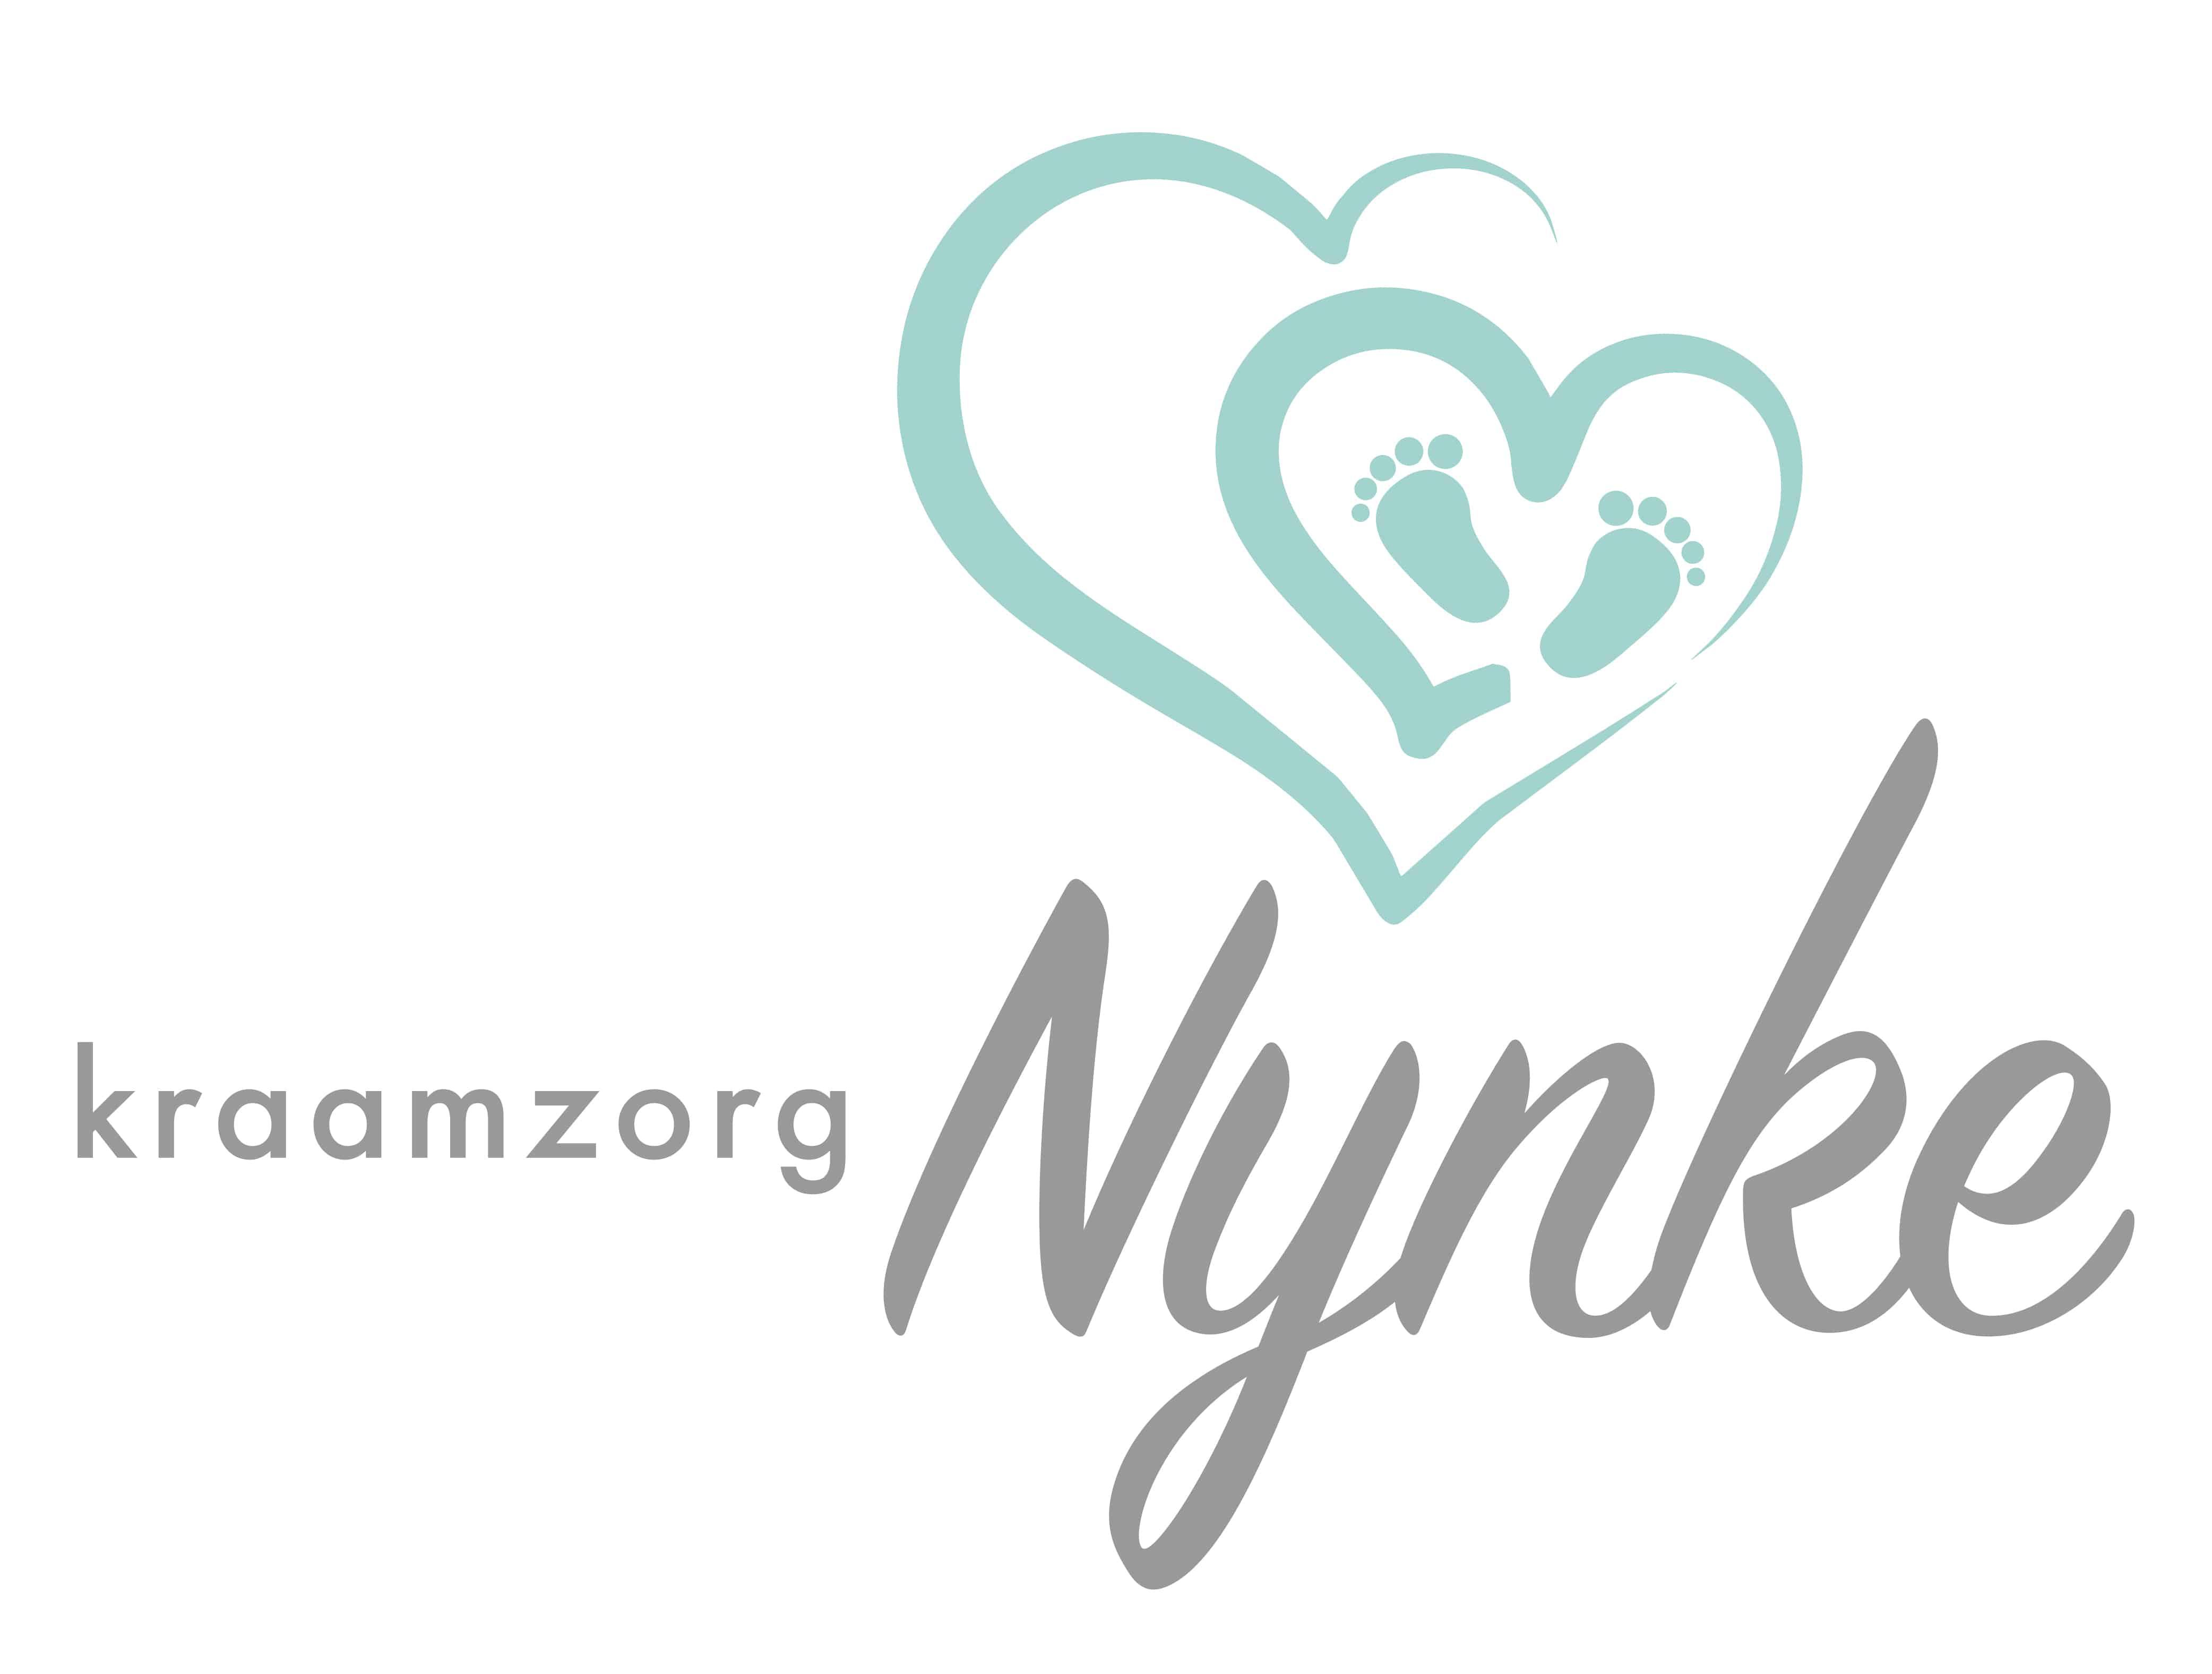 Kraamzorg Nynke